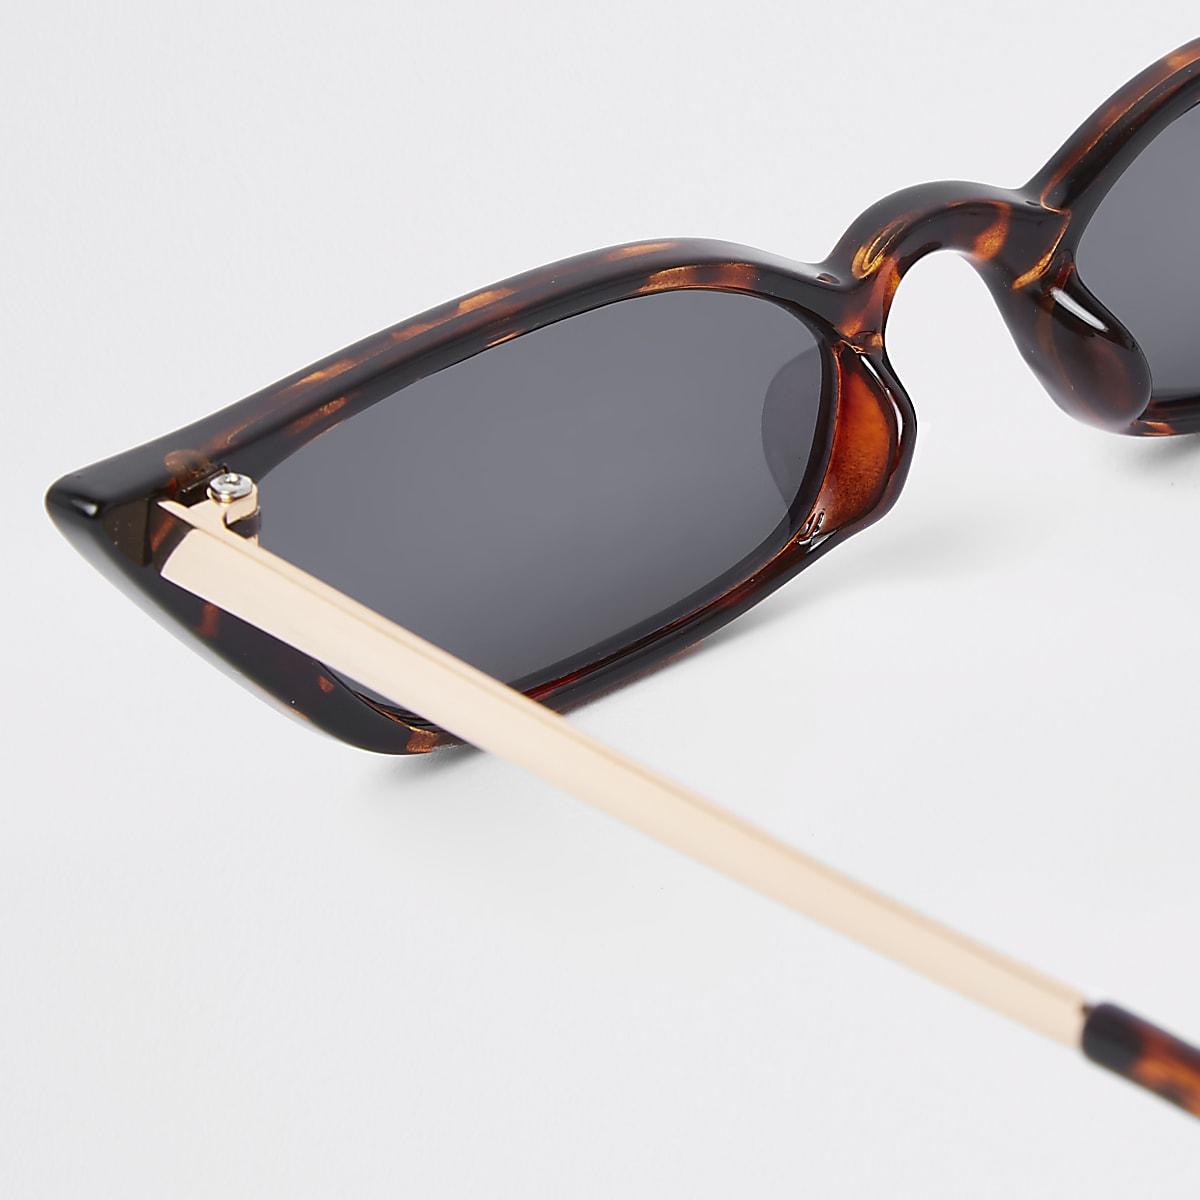 b79efac5fb6922 Bruine tortoise zonnebril met smal visor - Cat-eye-zonnebrillen ...